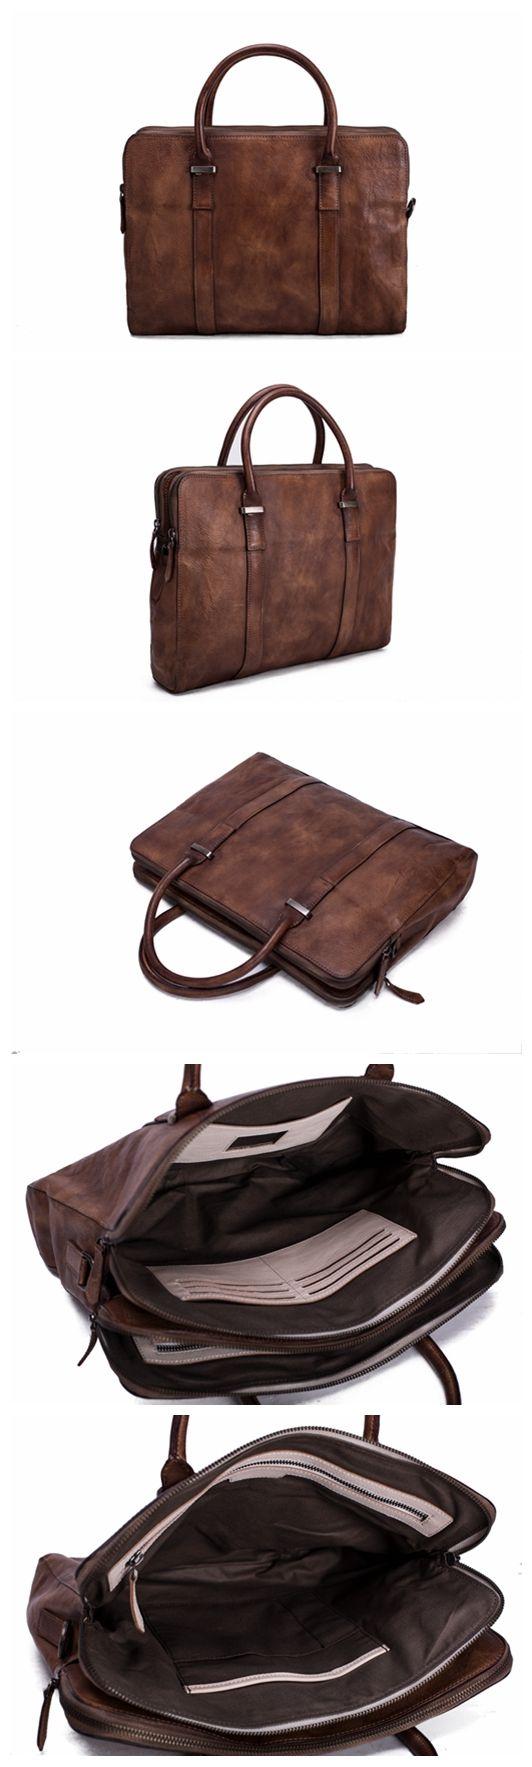 Vintage Vegetable Tanned Leather Briefcase, Men Messenger Bag, Laptop Bag